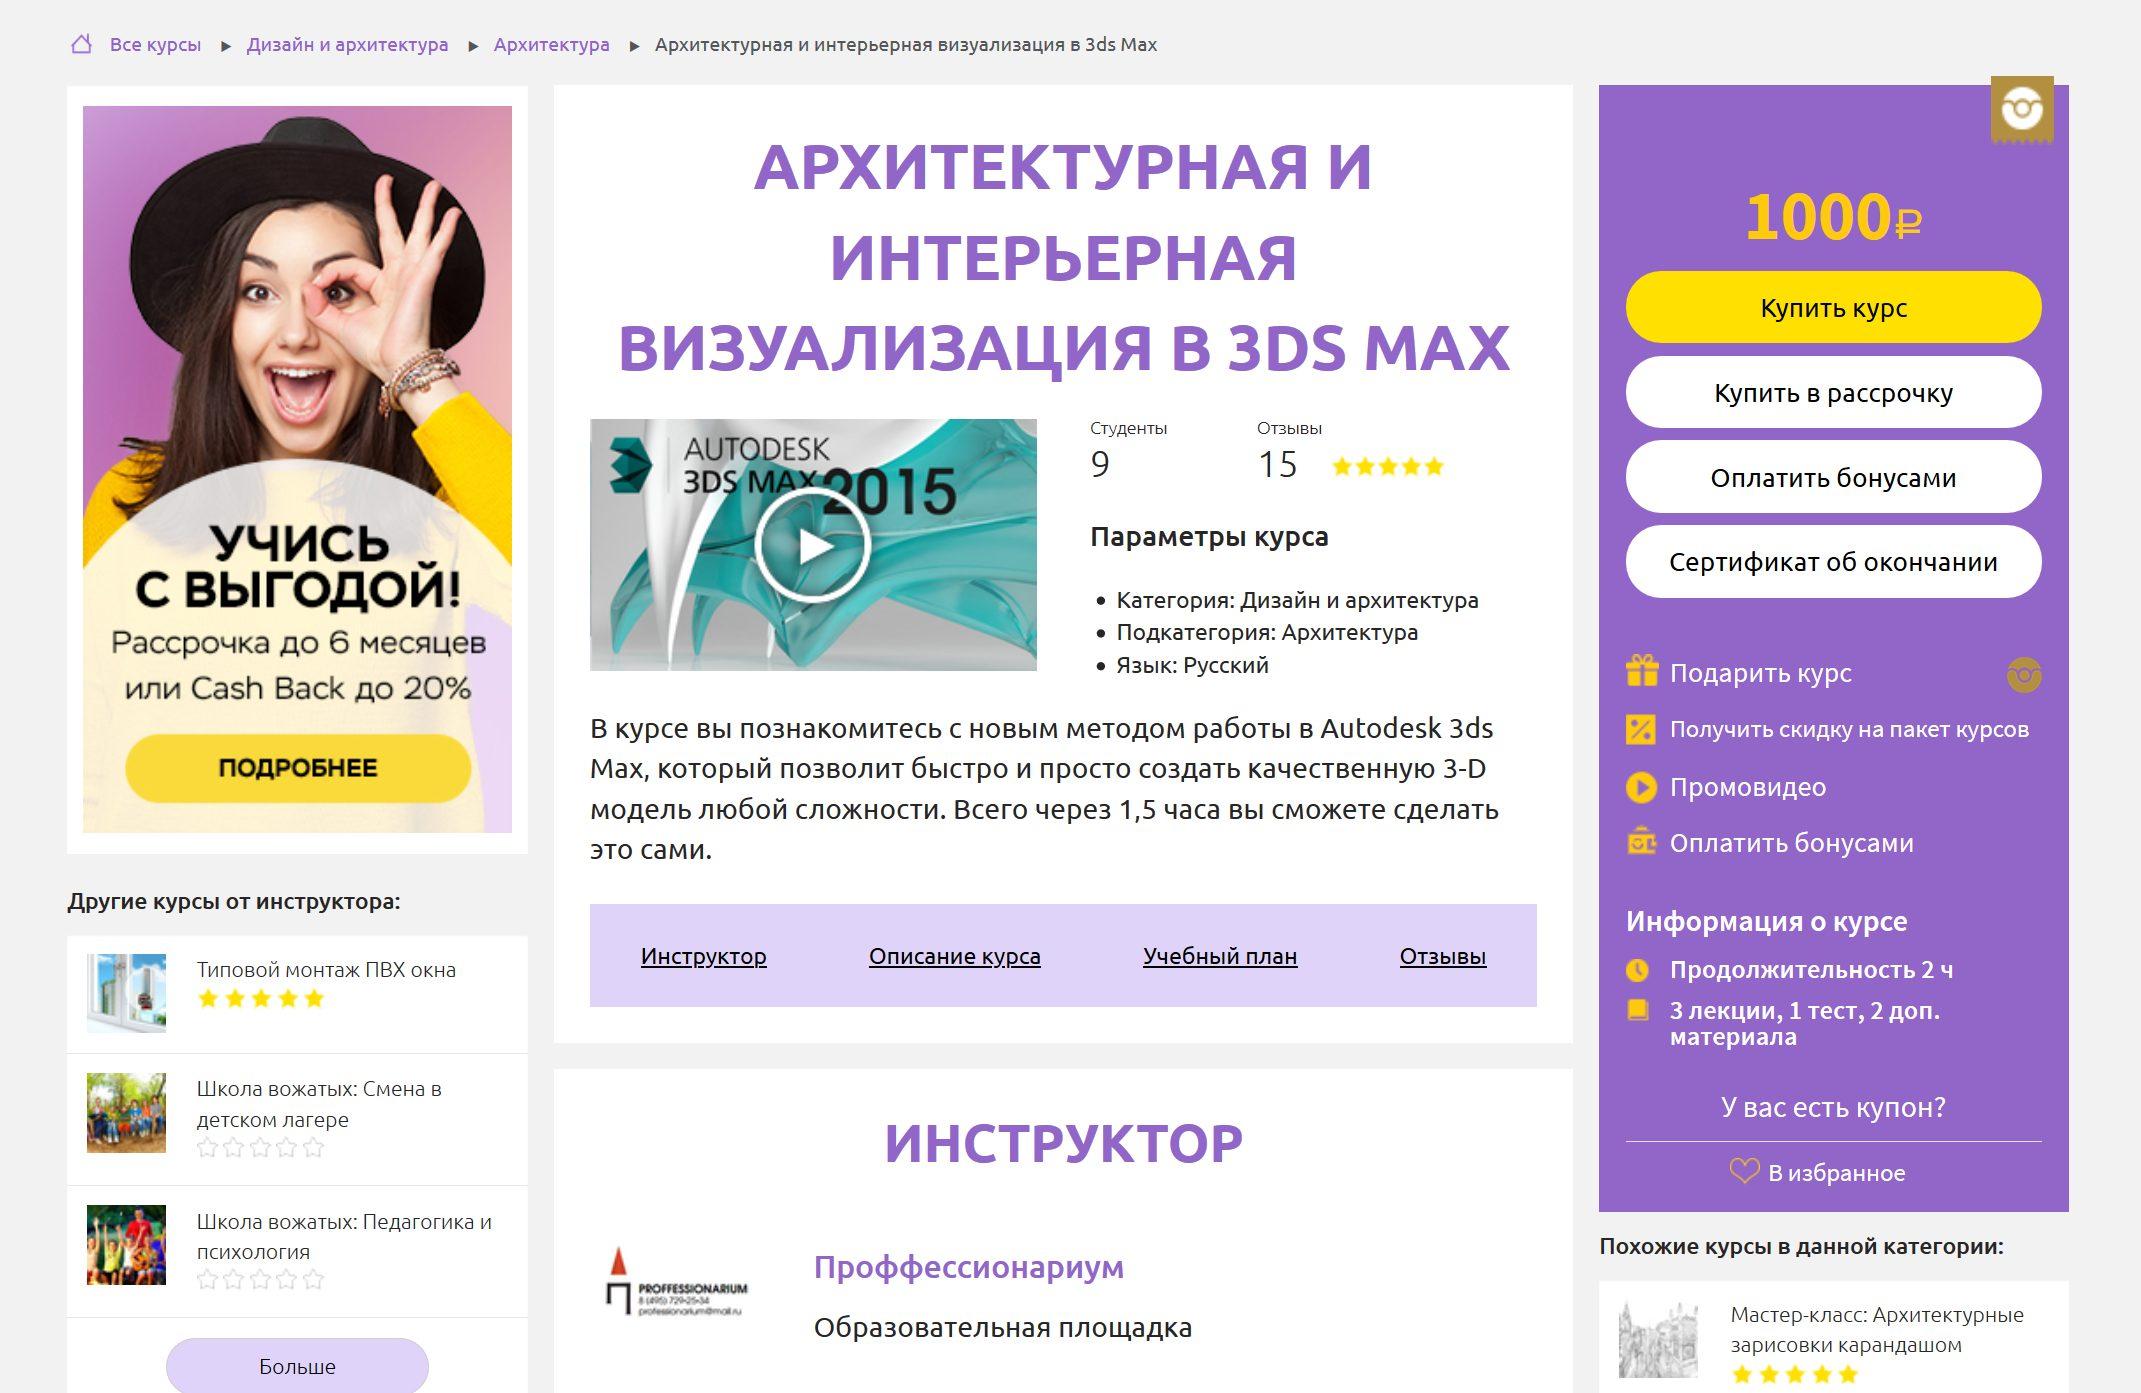 Курсы 3Д макс для дизайнеров интерьера в Москве 🎓 Профессиональные курсы 3D Max - Лучшие онлайн курсы на сайте Smotriuchis.ru